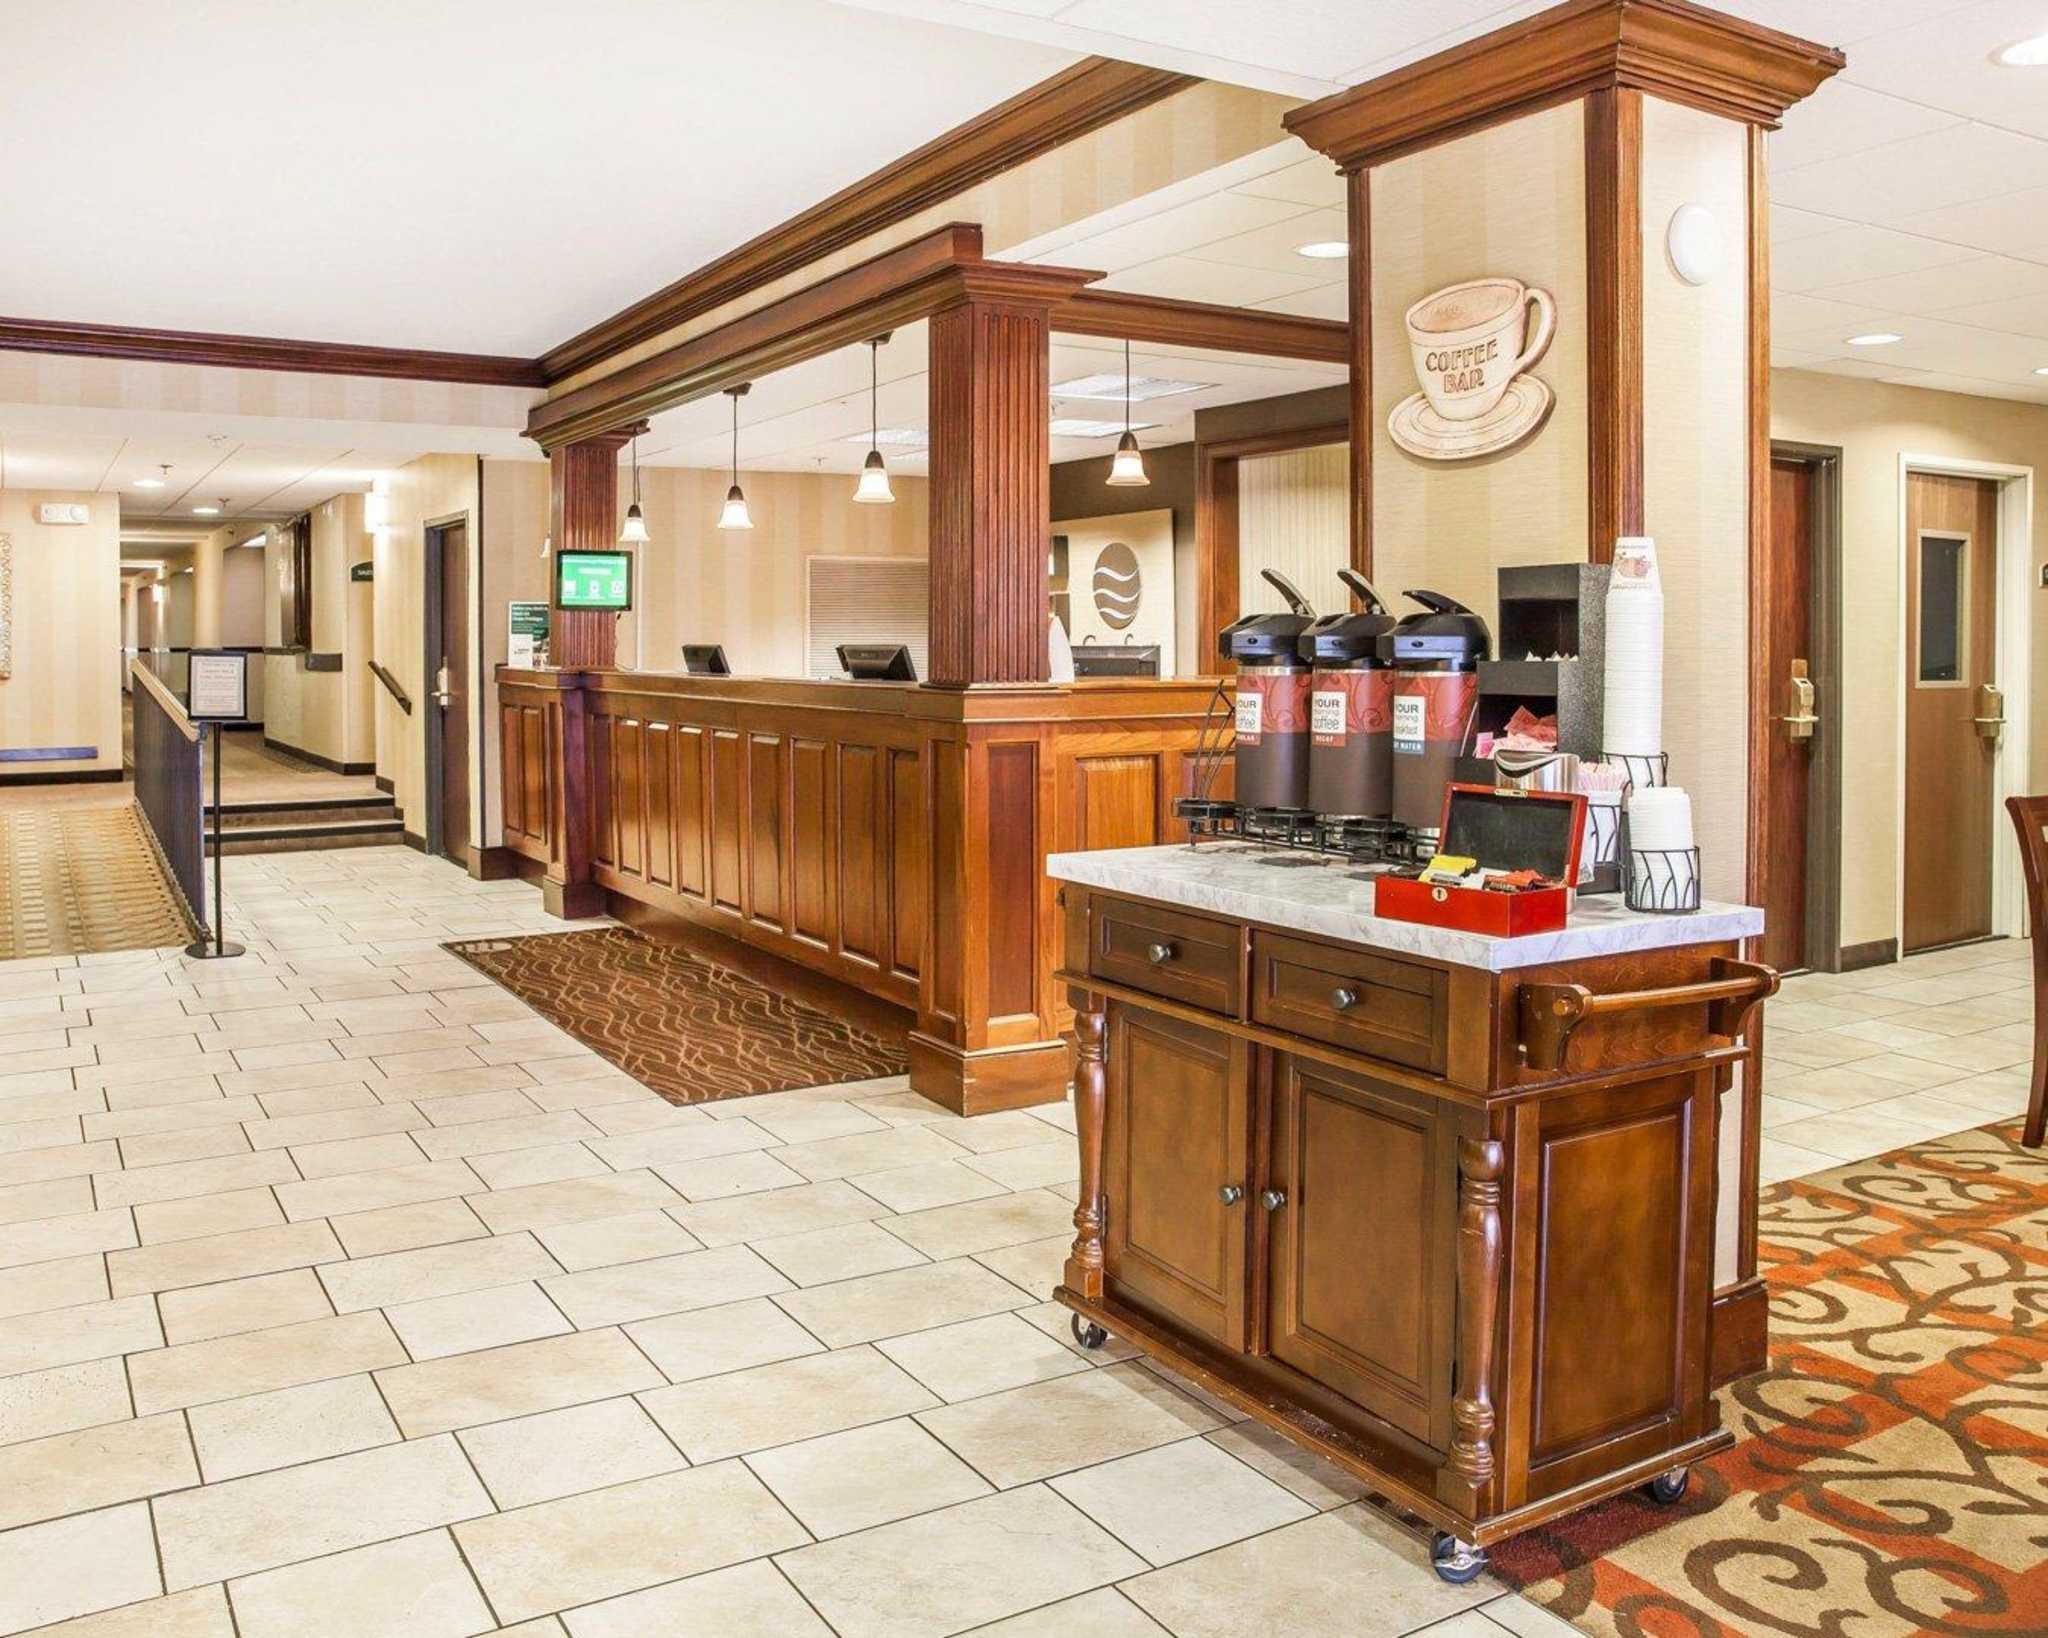 Comfort Inn & Suites Pottstown - Limerick image 5